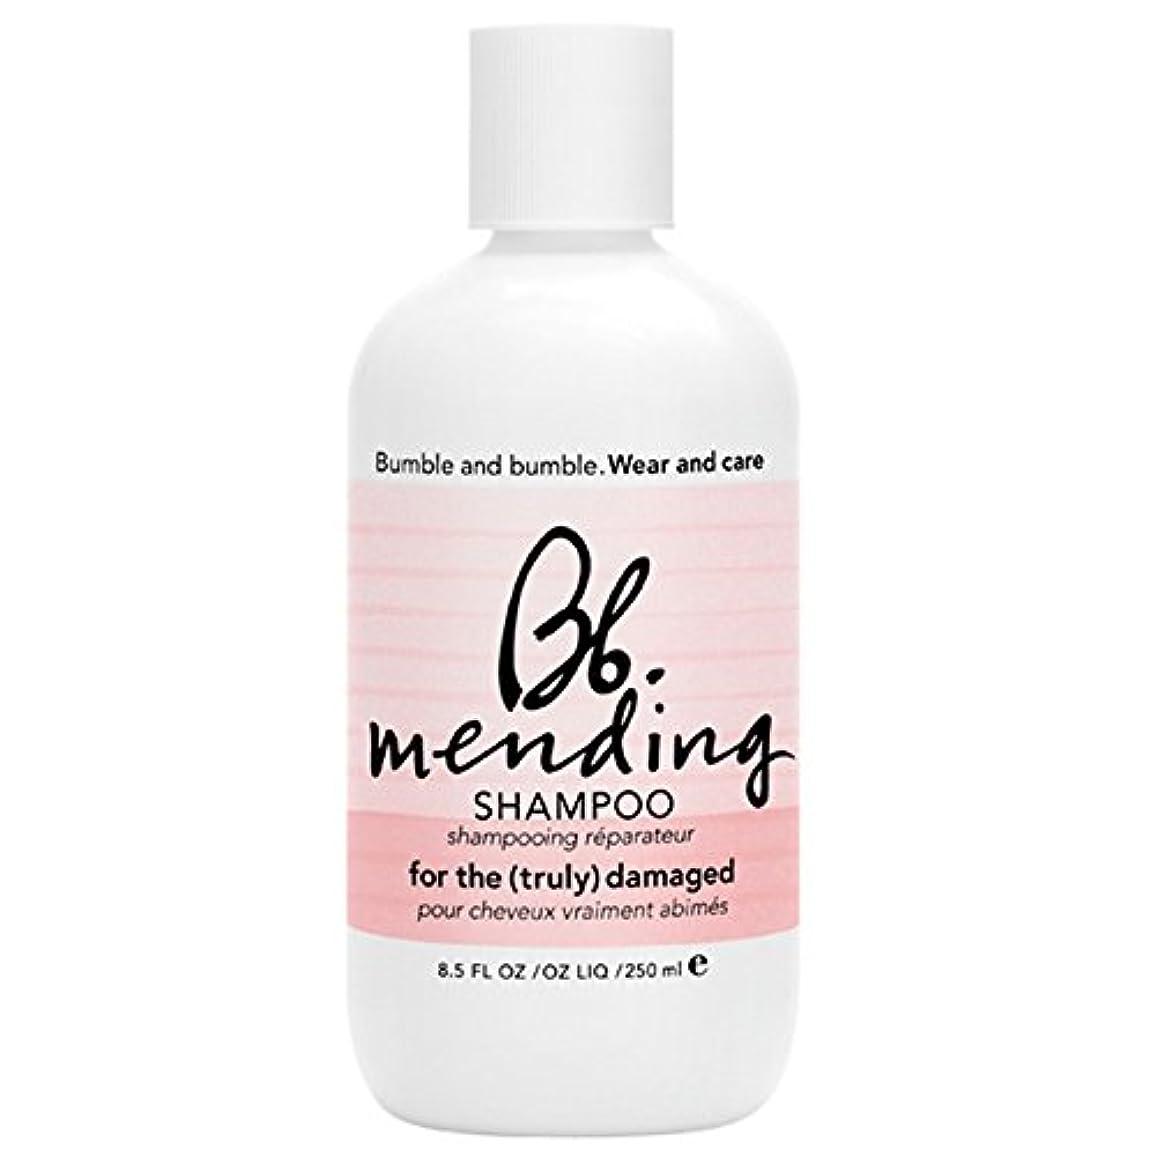 なに頬乳剤バンブルアンドシャンプー250ミリリットルを補修バンブル (Bumble and bumble) (x6) - Bumble and bumble Mending Shampoo 250ml (Pack of 6) [並行輸入品]